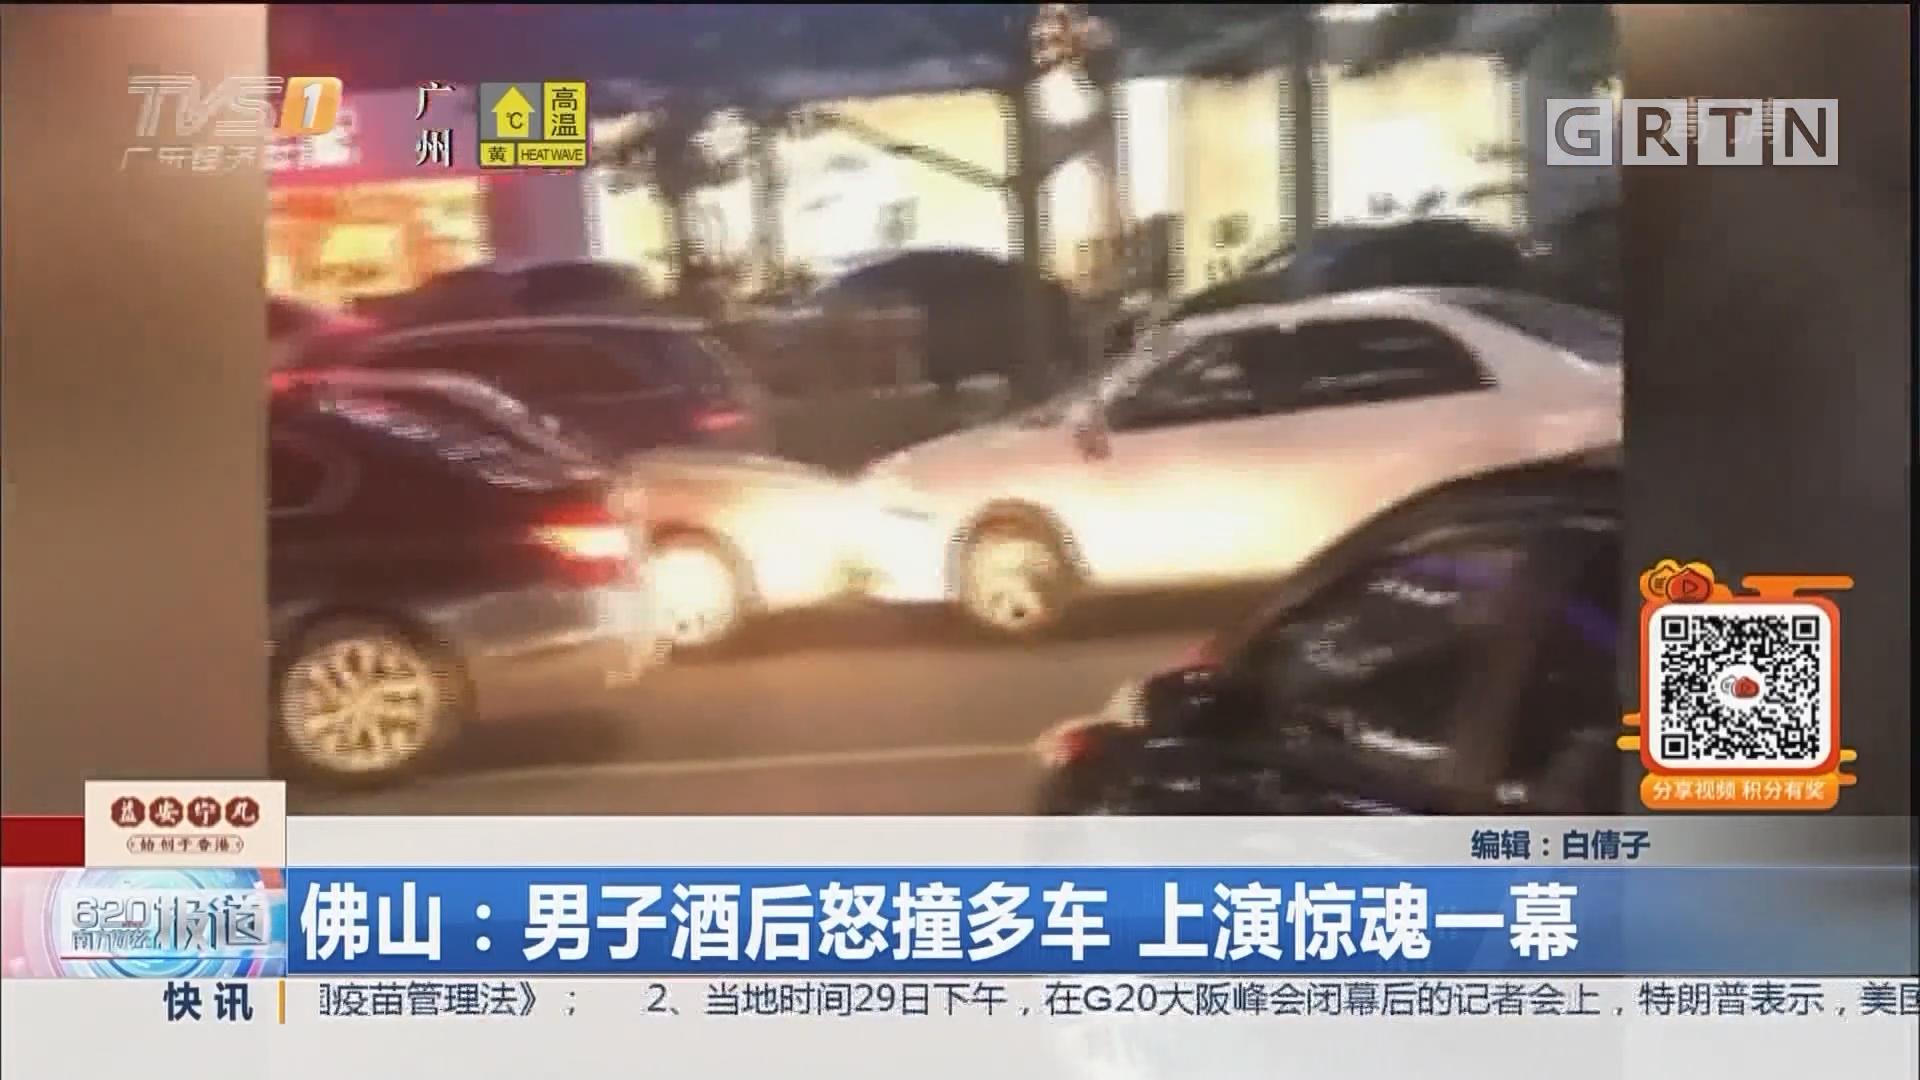 佛山:男子酒后怒撞多车 上演惊魂一幕